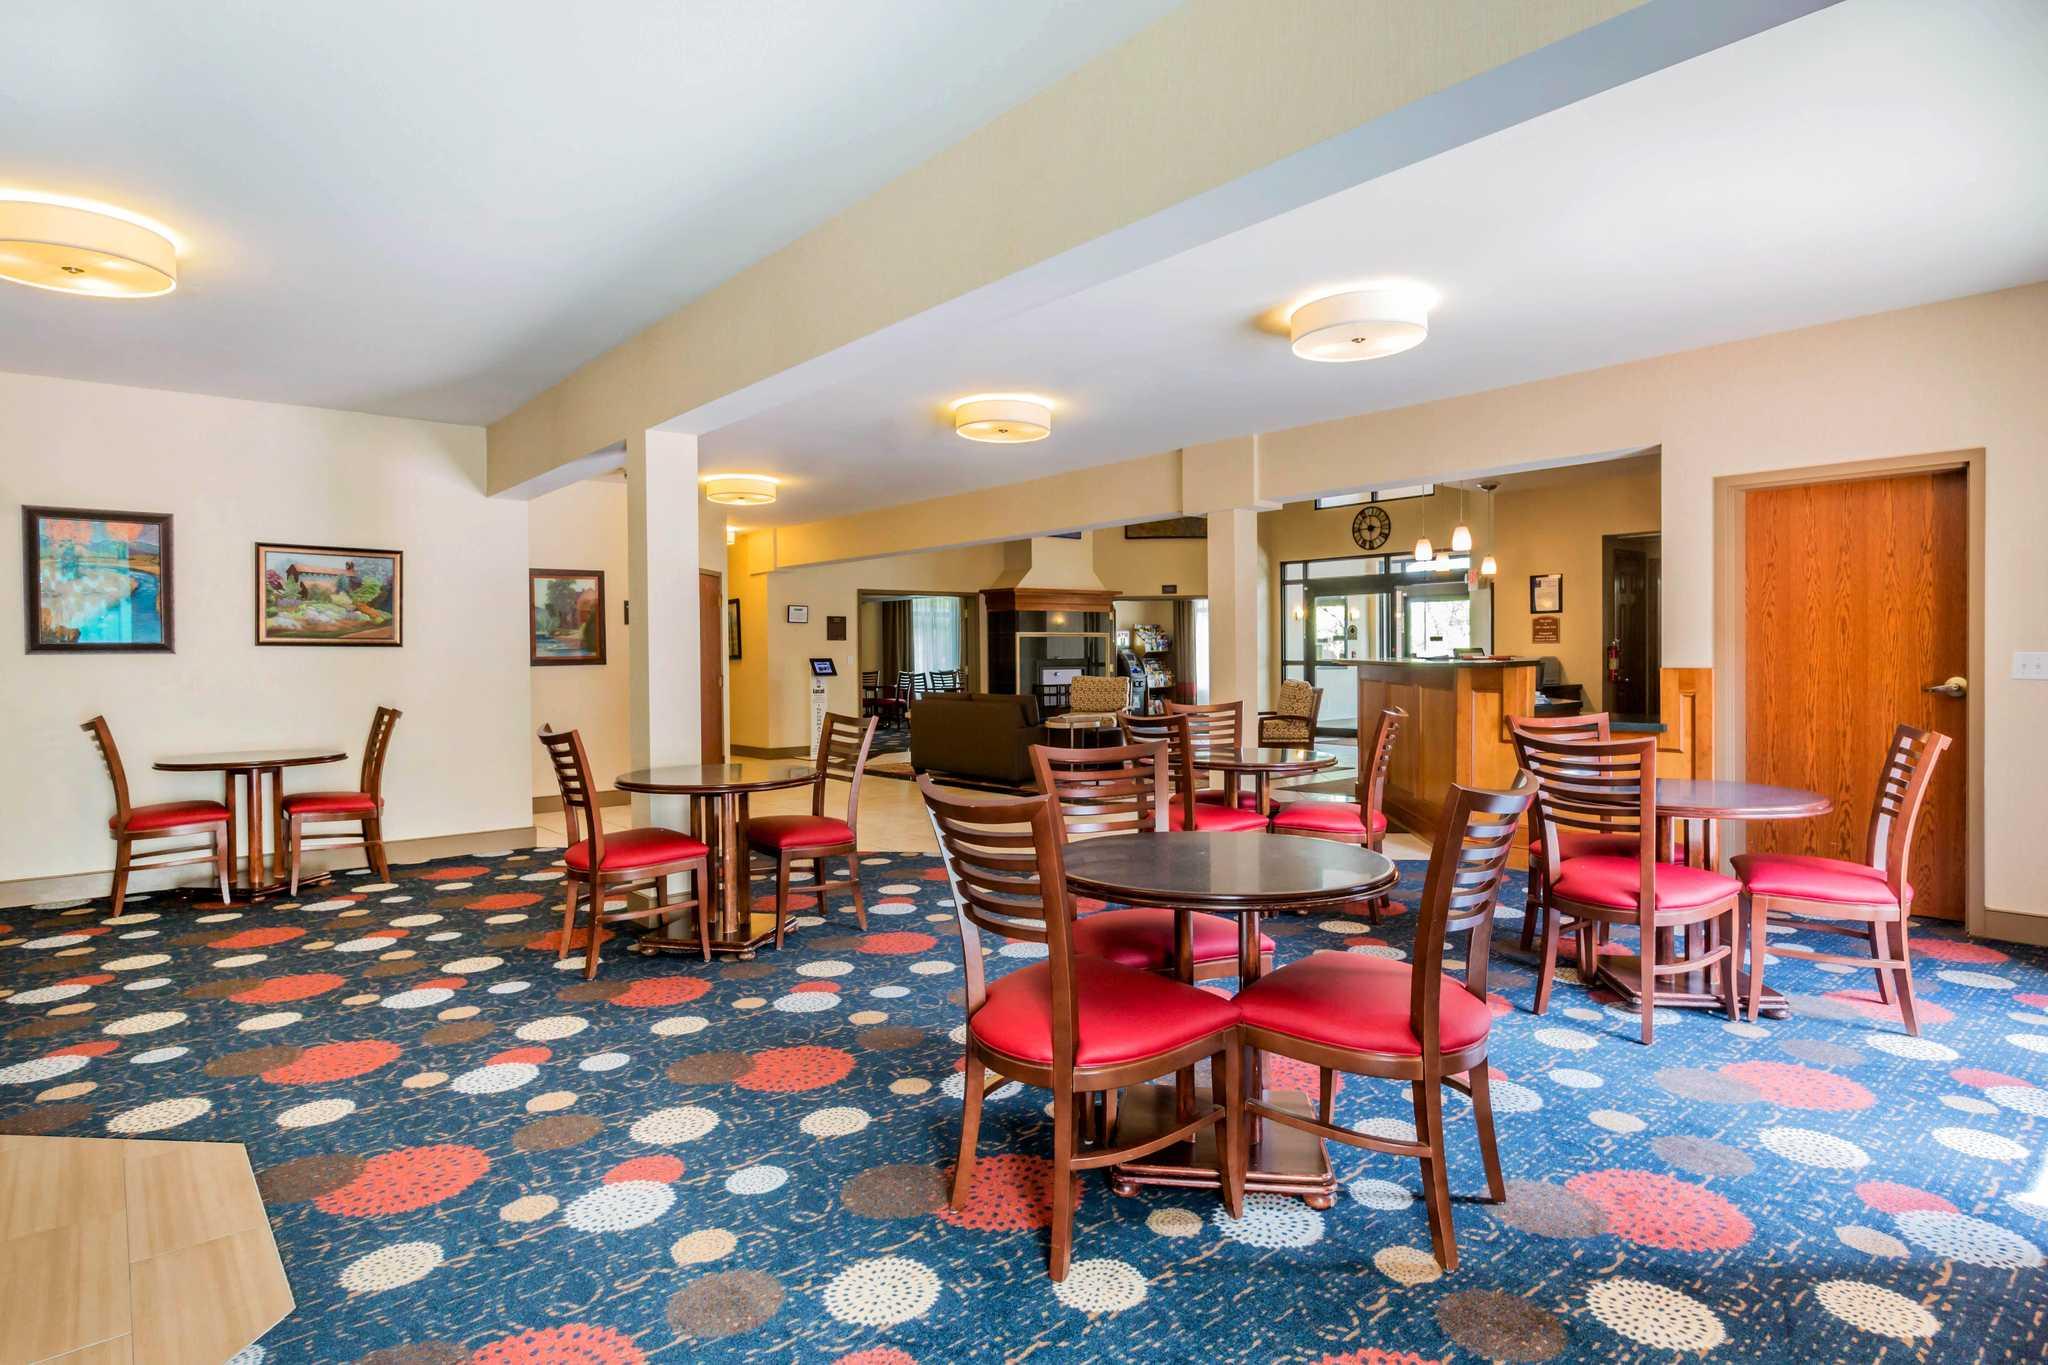 Hilton Hotel Burlington Vt Review